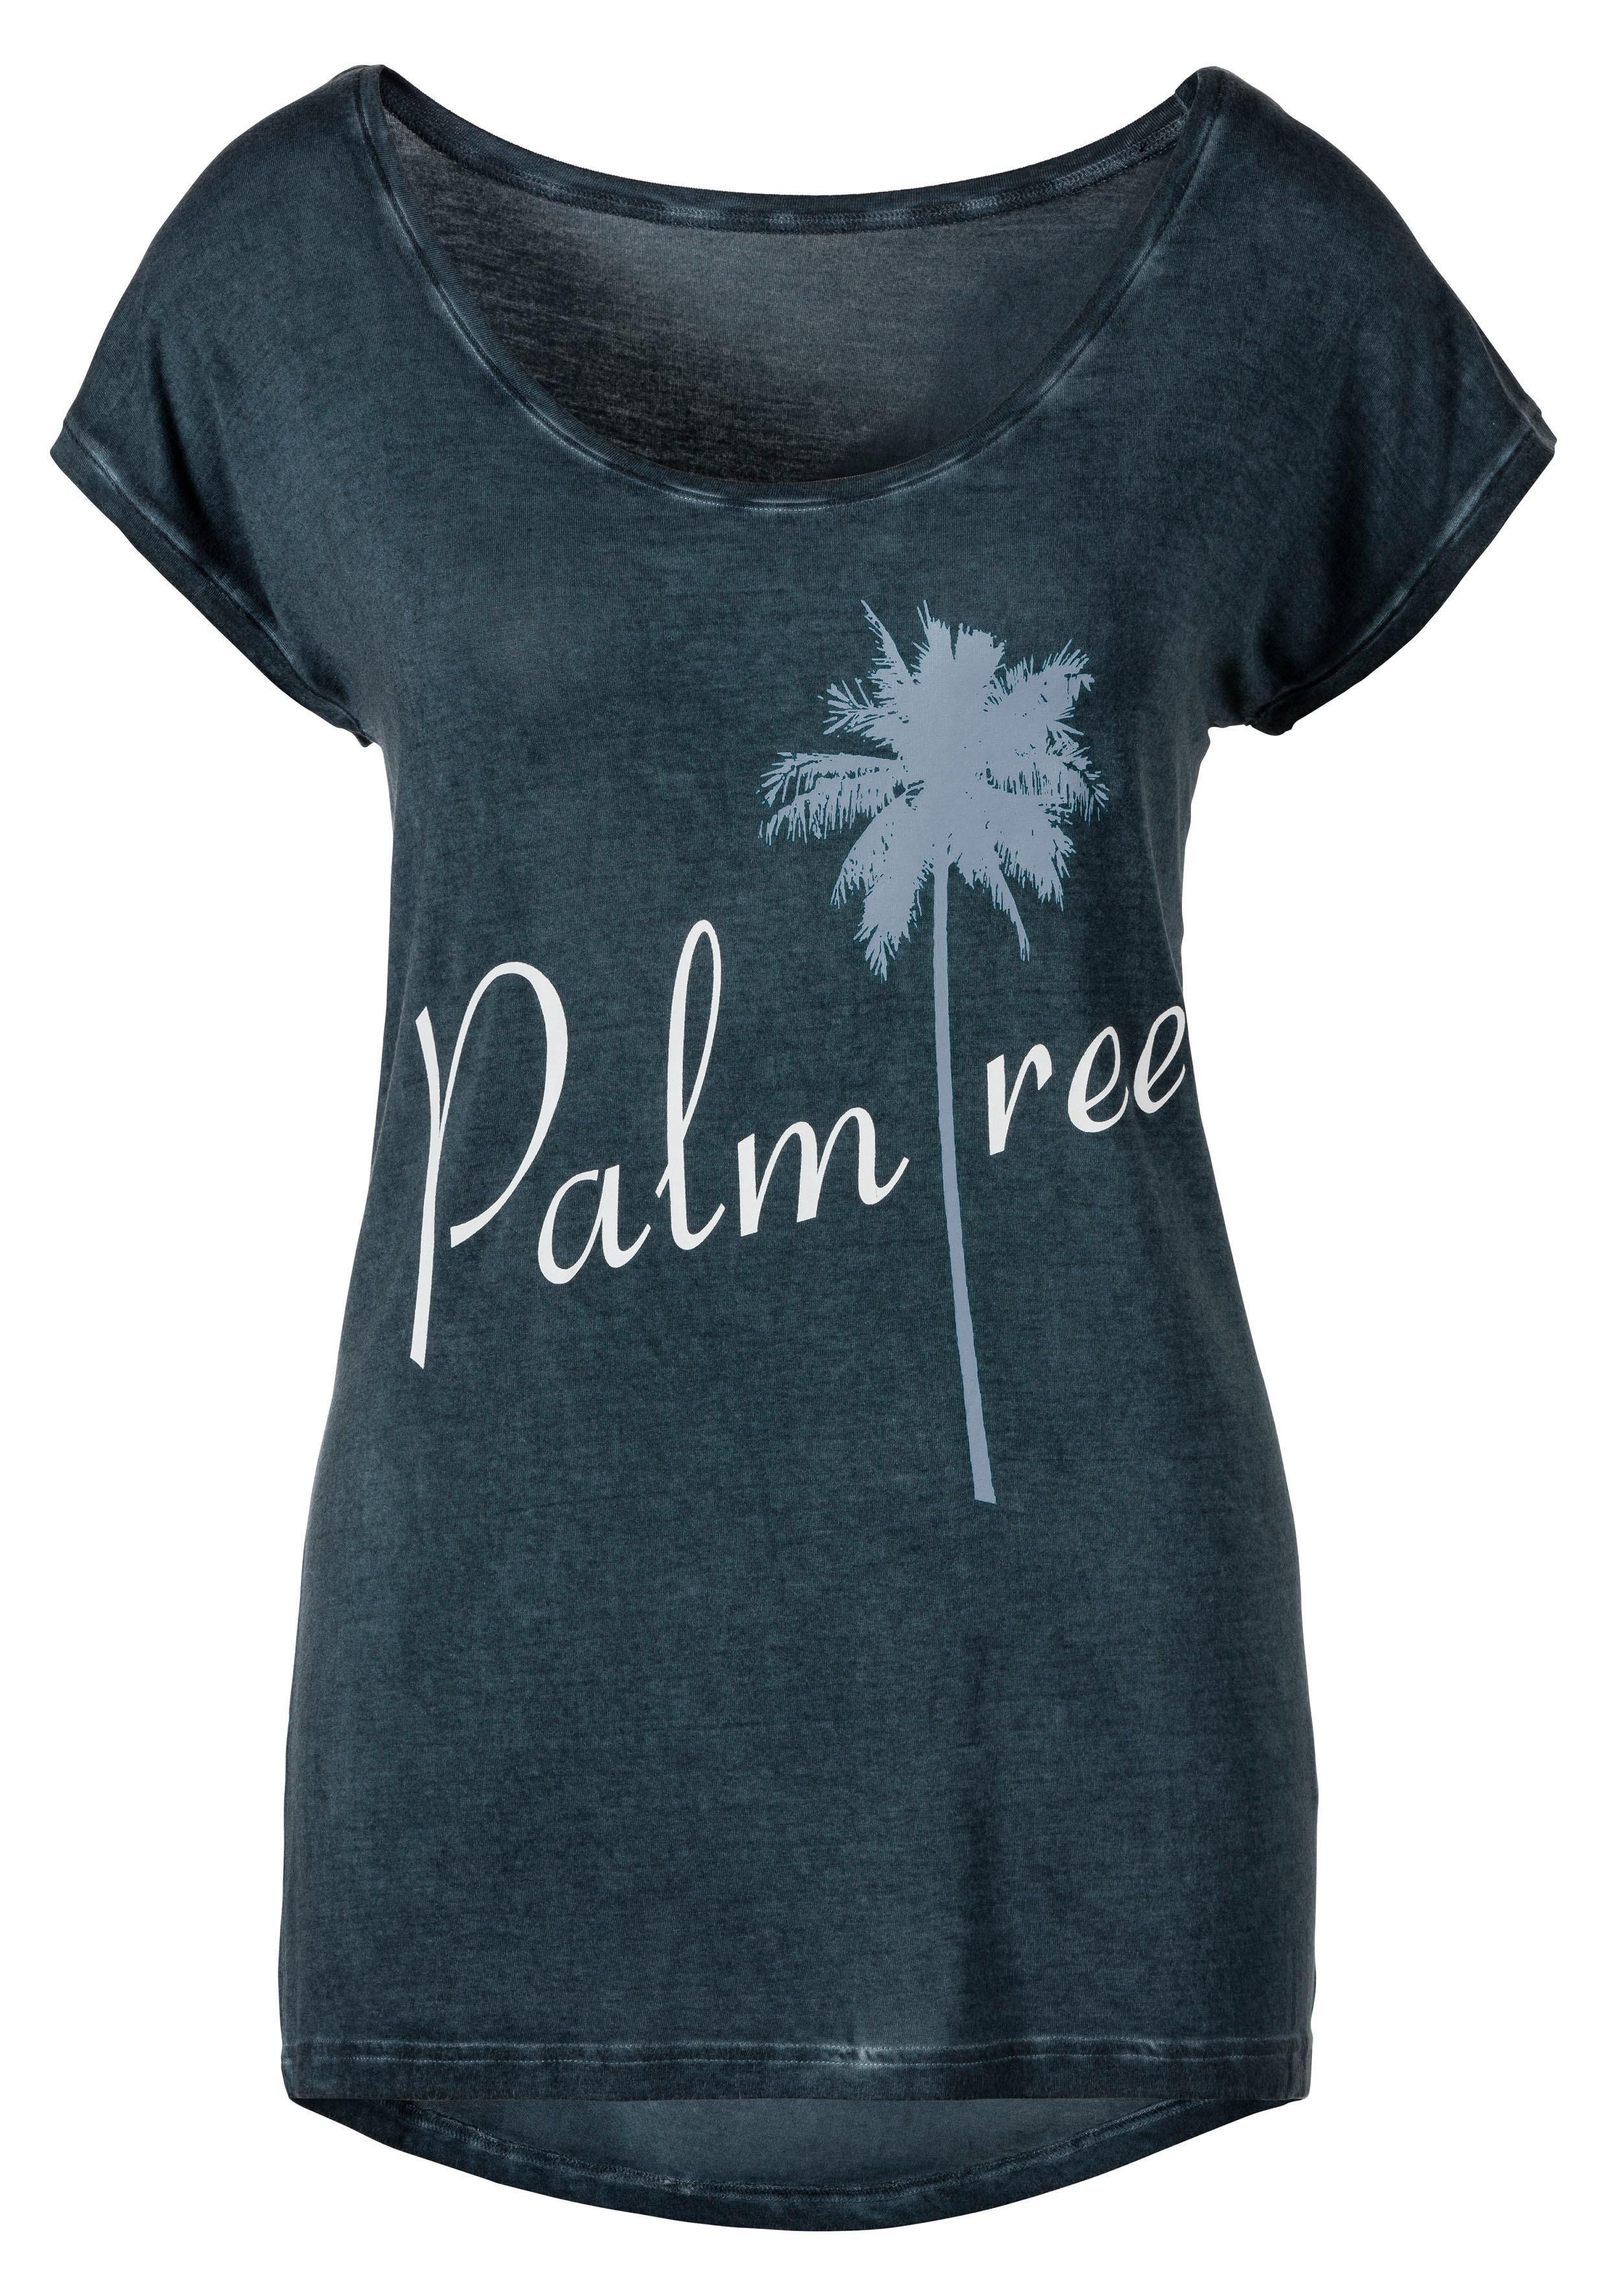 beachtime T-shirt voordelig en veilig online kopen